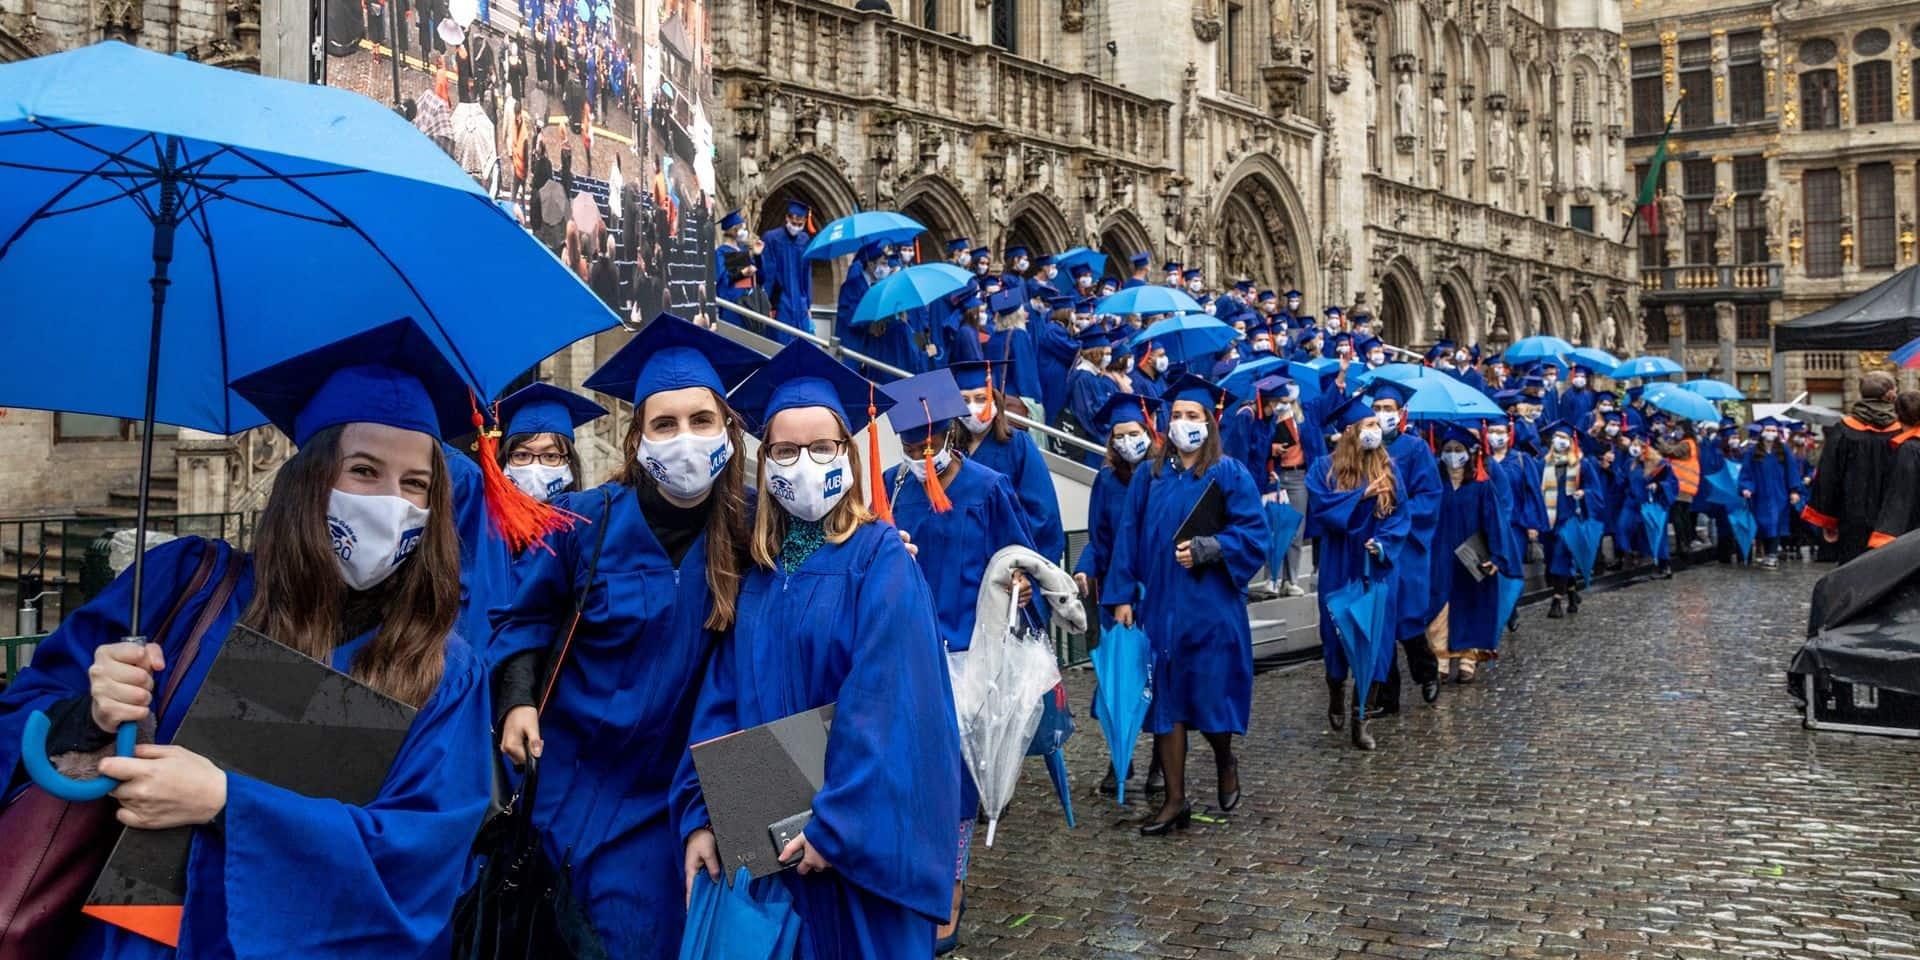 Les étudiants de la VUB ont reçu leur diplôme sous la pluie sur la Grand-Place